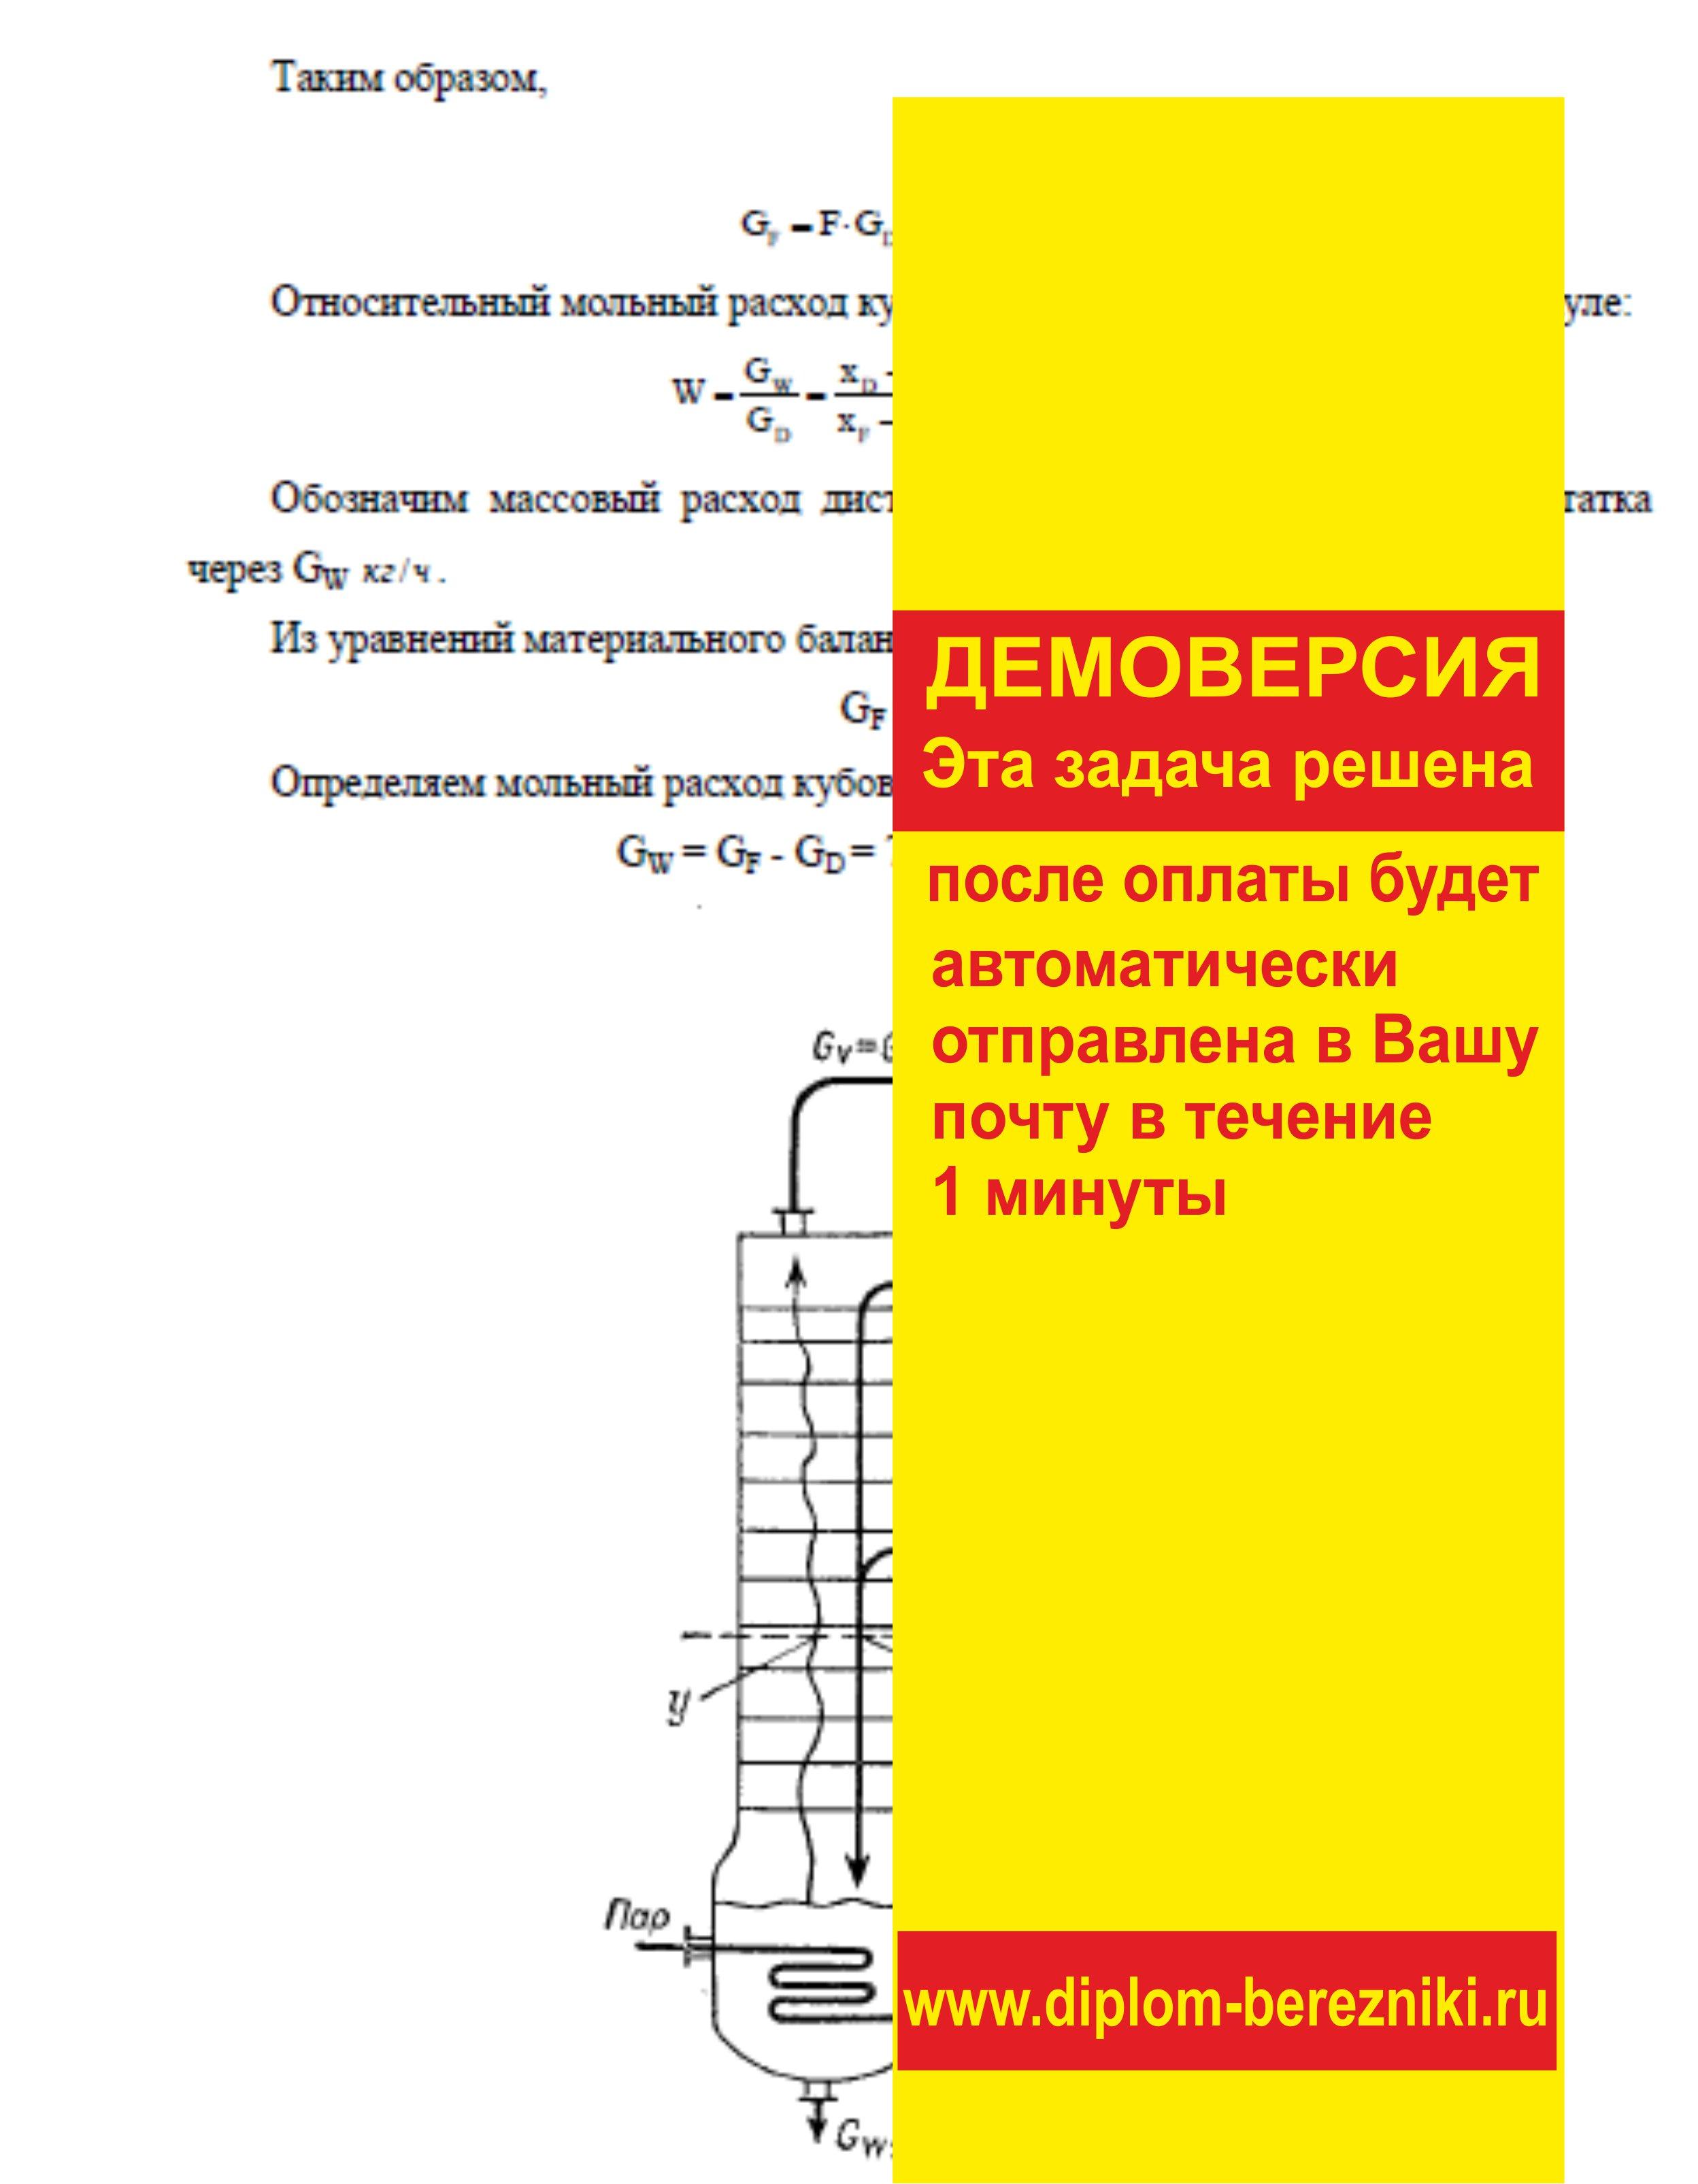 Решение задачи 7.9 по ПАХТ из задачника Павлова Романкова Носкова